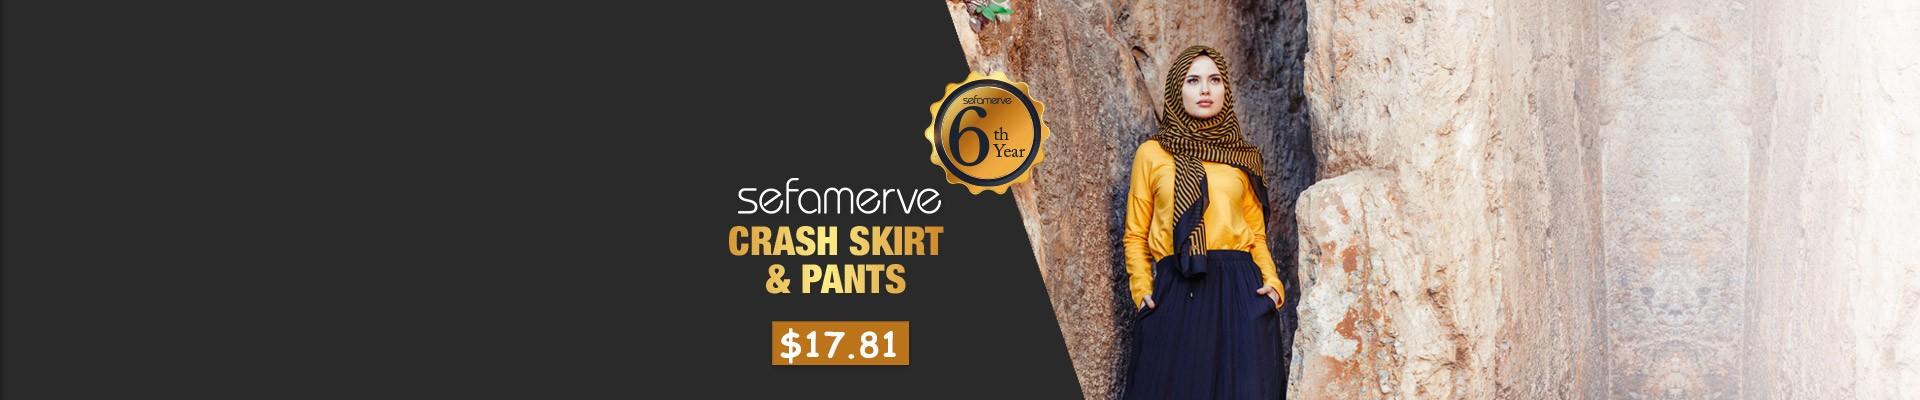 CRASH SKIRT & PANTS